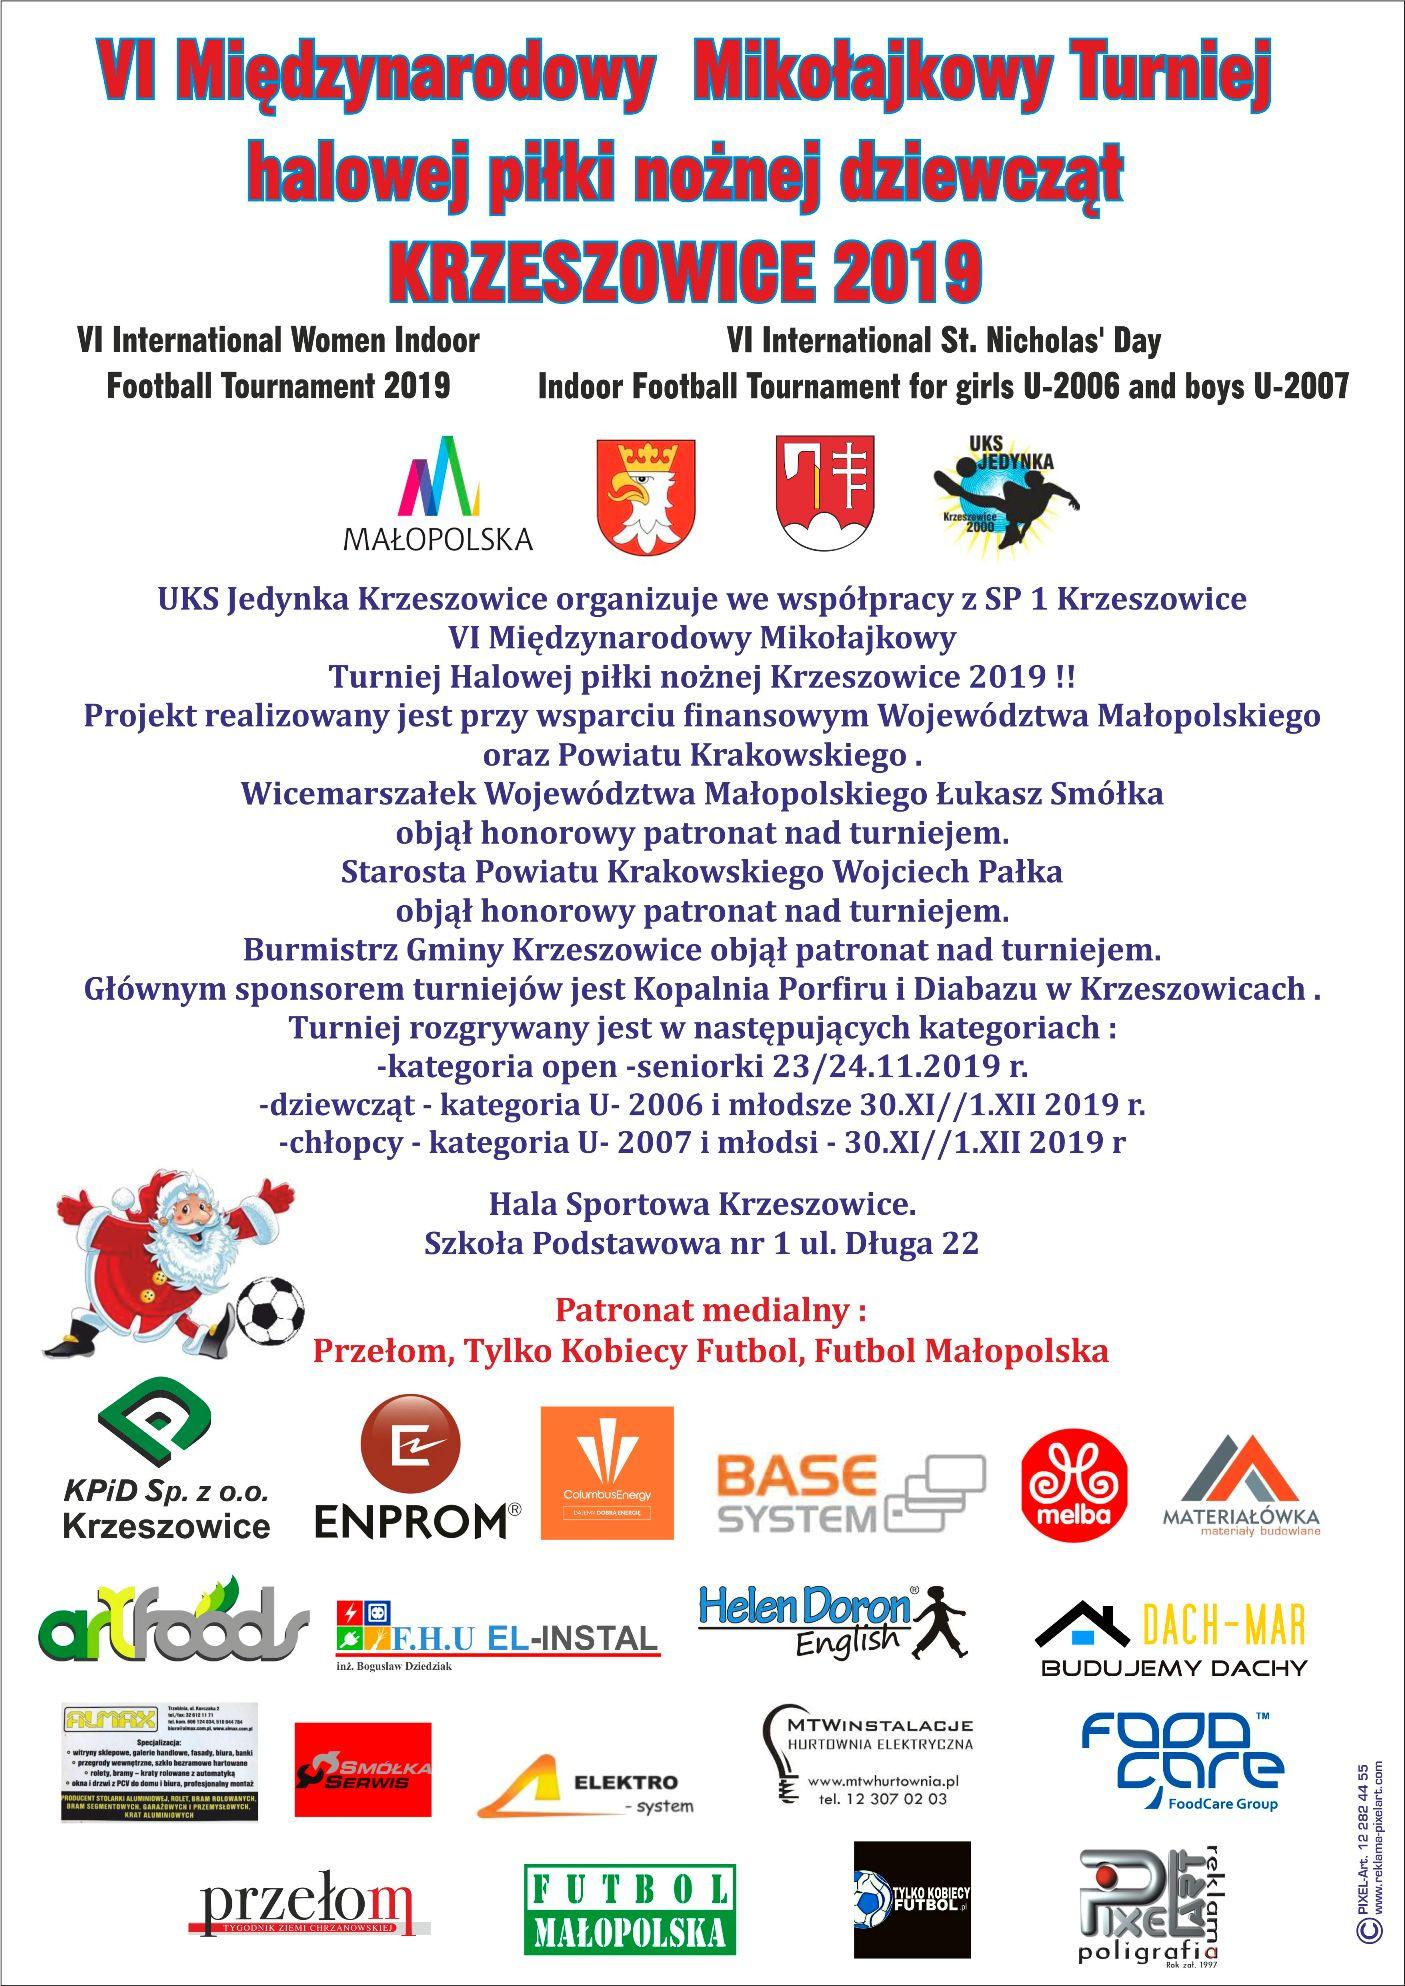 VI Międzynarodowy Mikołajkowy Turniej halowej piłki nożnej dziewcząt Krzeszowice 2019 @ Krzeszowice | małopolskie | Polska